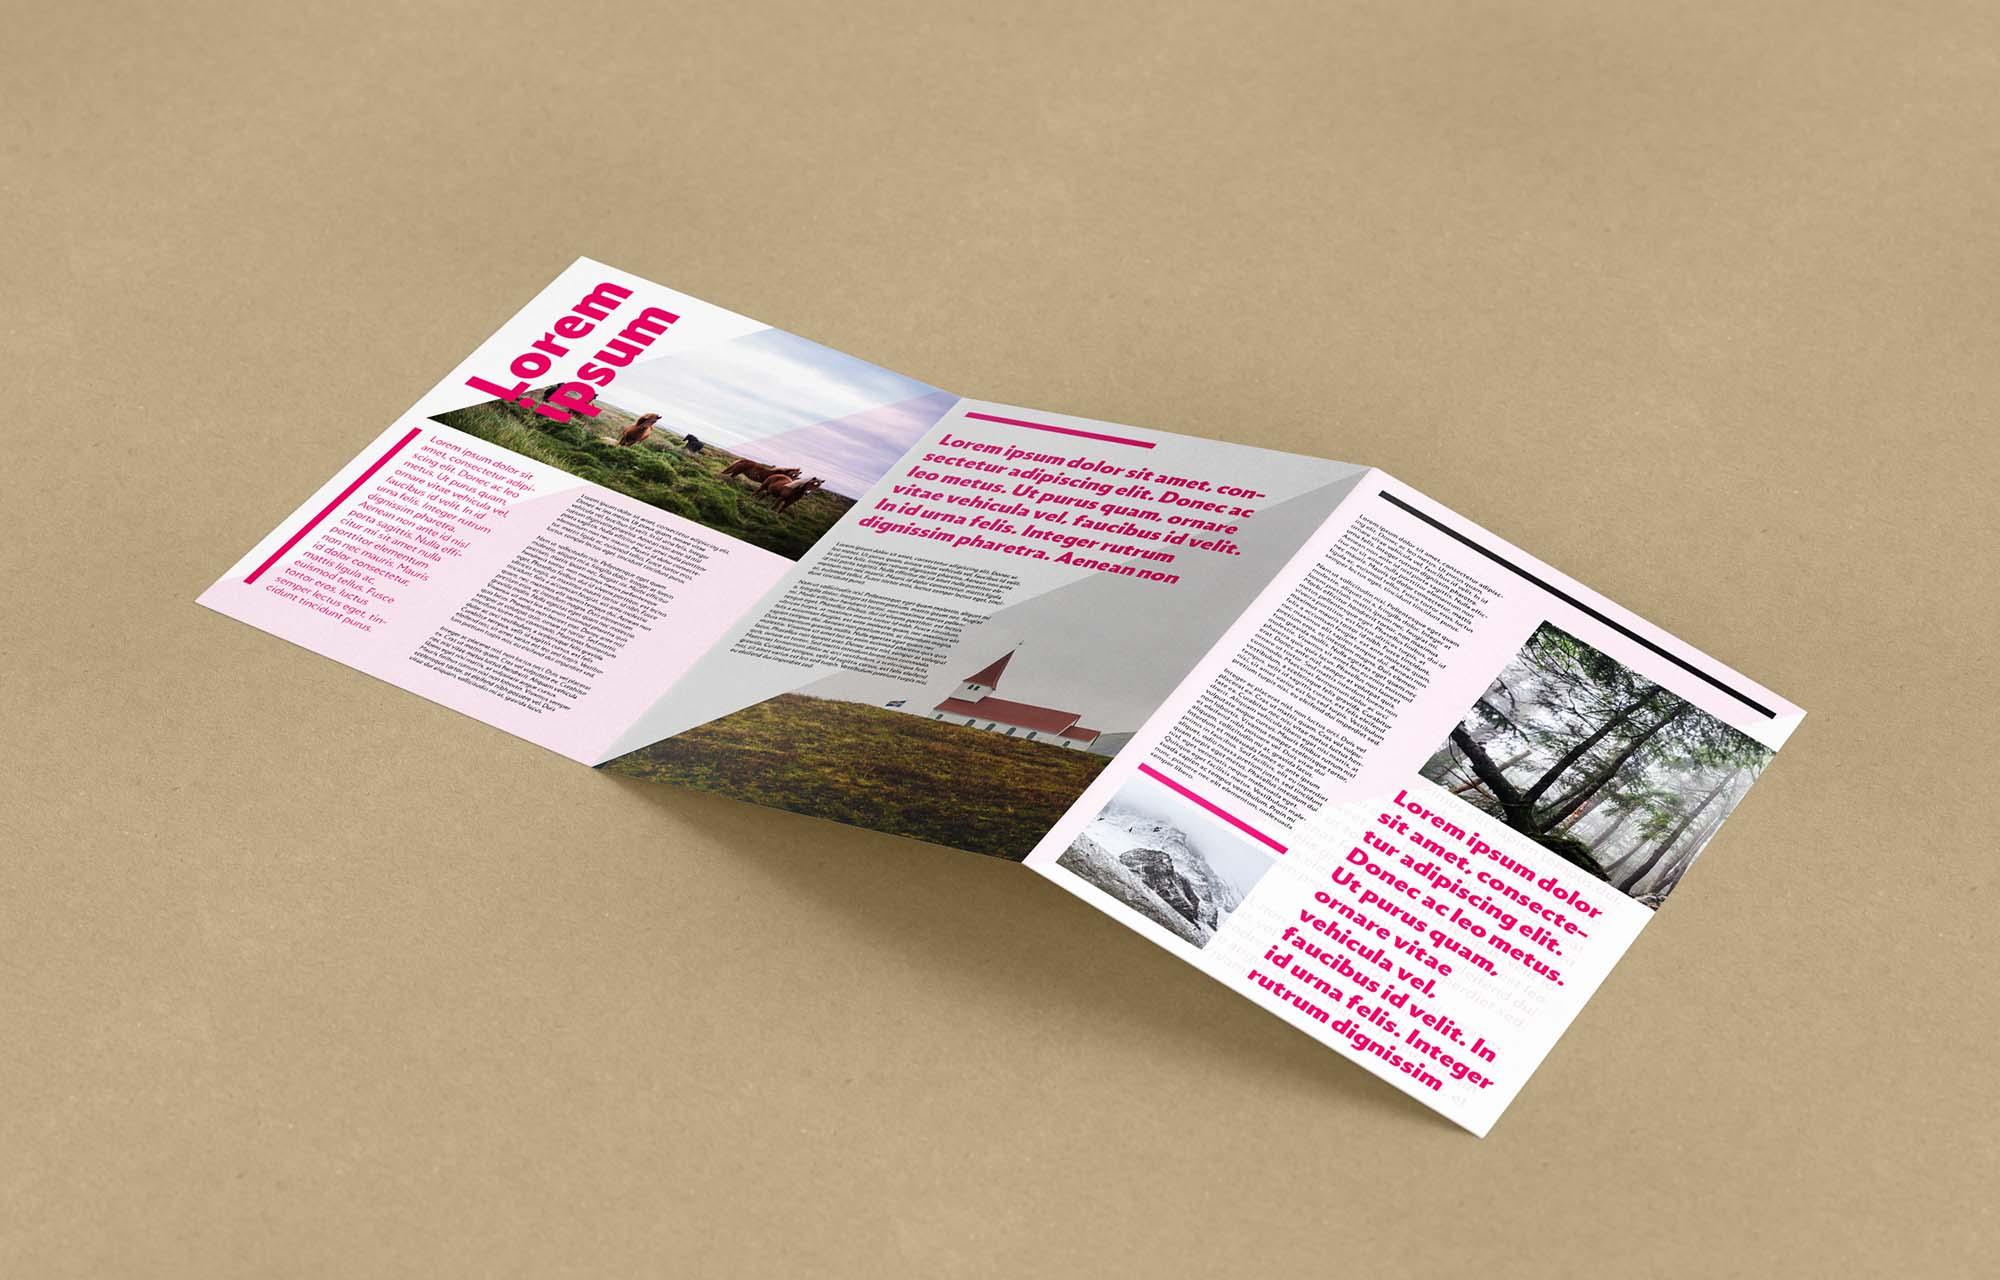 Opened Trifold Leaflet Mockup 2